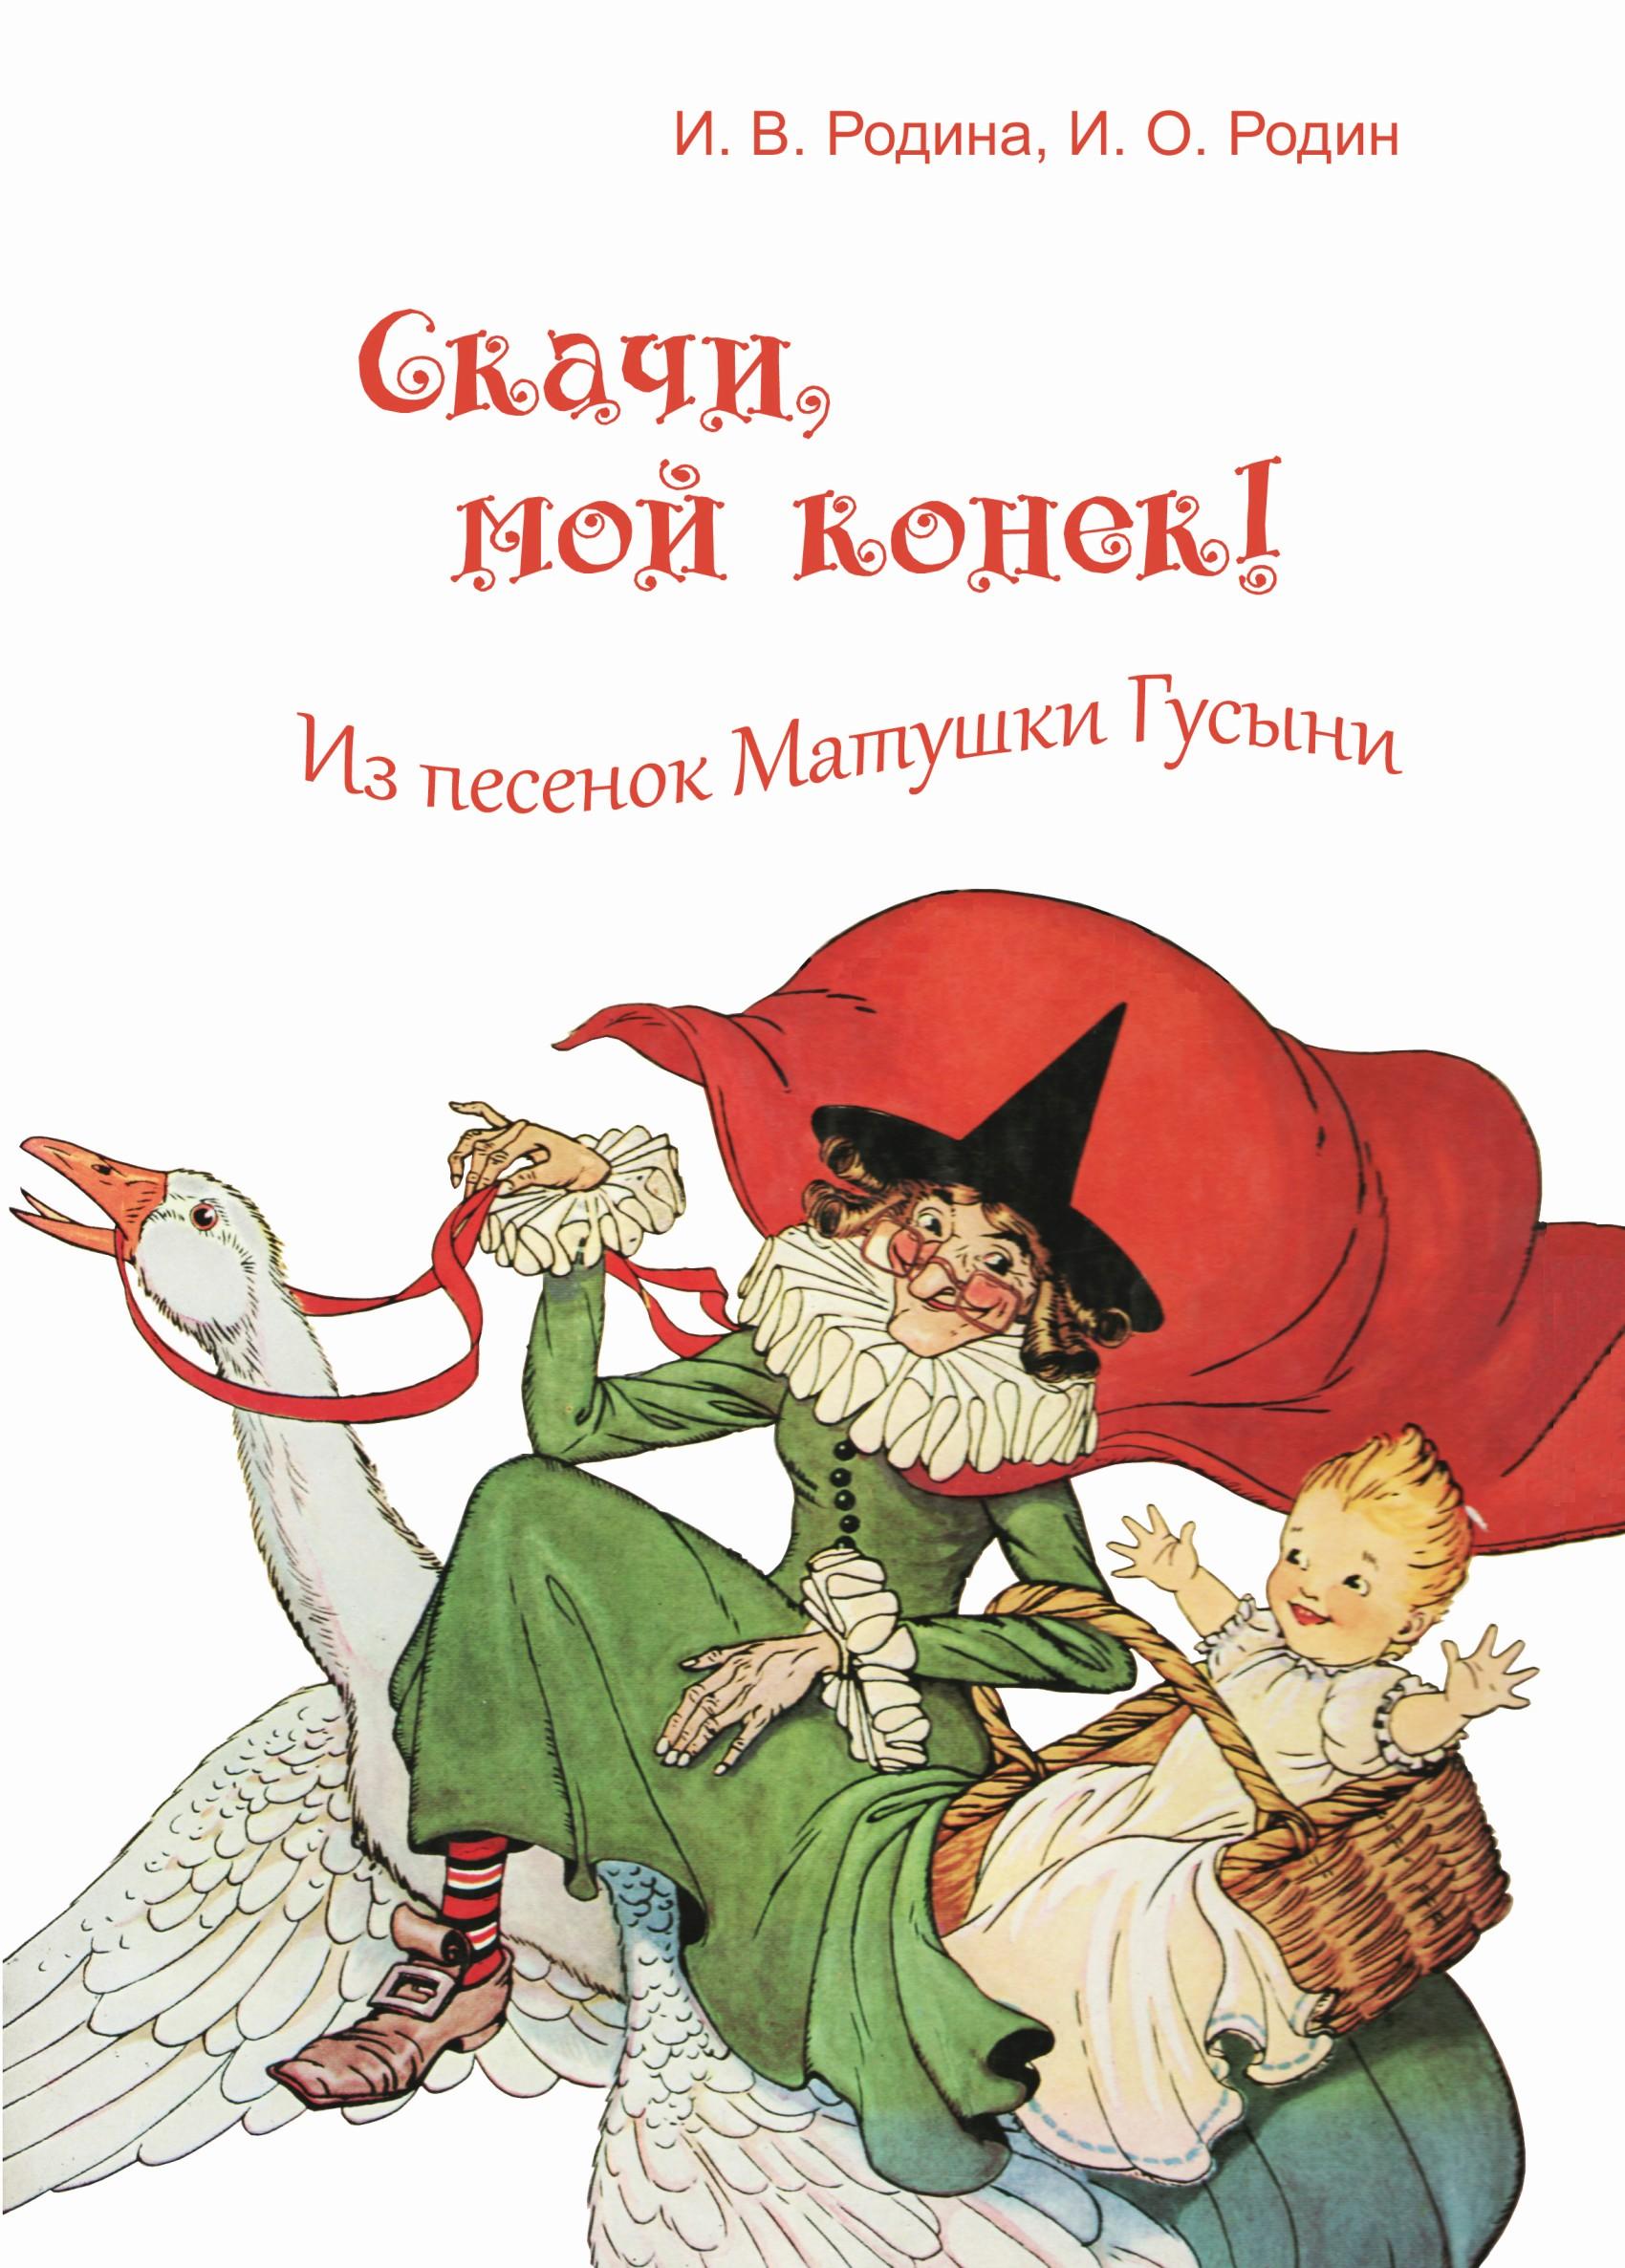 Купить книгу Скачи, мой конек!, автора И. О. Родина